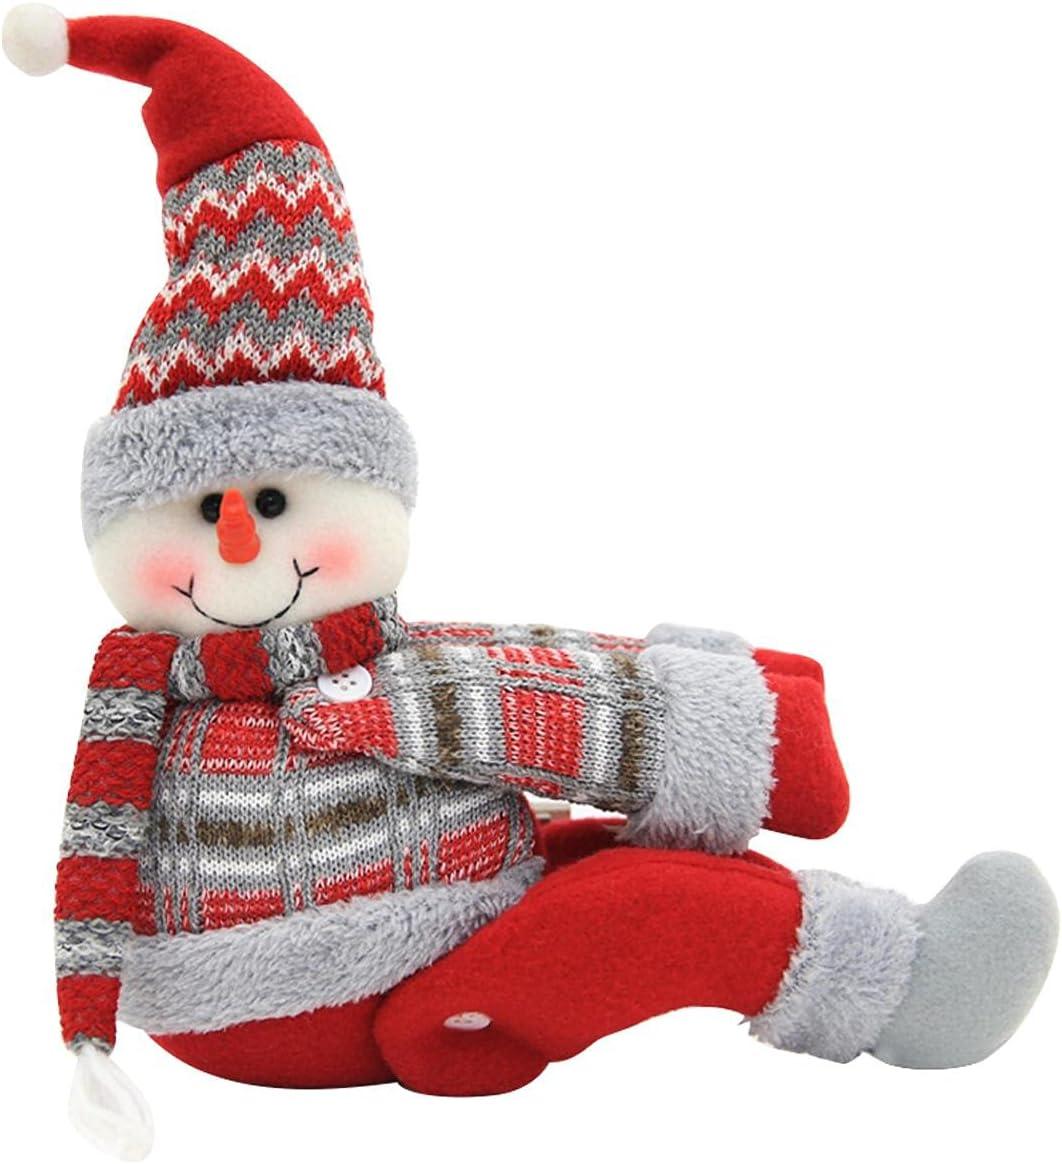 AUTUUCKEE Juego de 2 alzapaños para cortina de Navidad, diseño de muñeco de nieve o alce de Papá Noel, abrazadera de hebilla para decoración de ventanas del hogar, adornos de Navidad (hombre de noche)